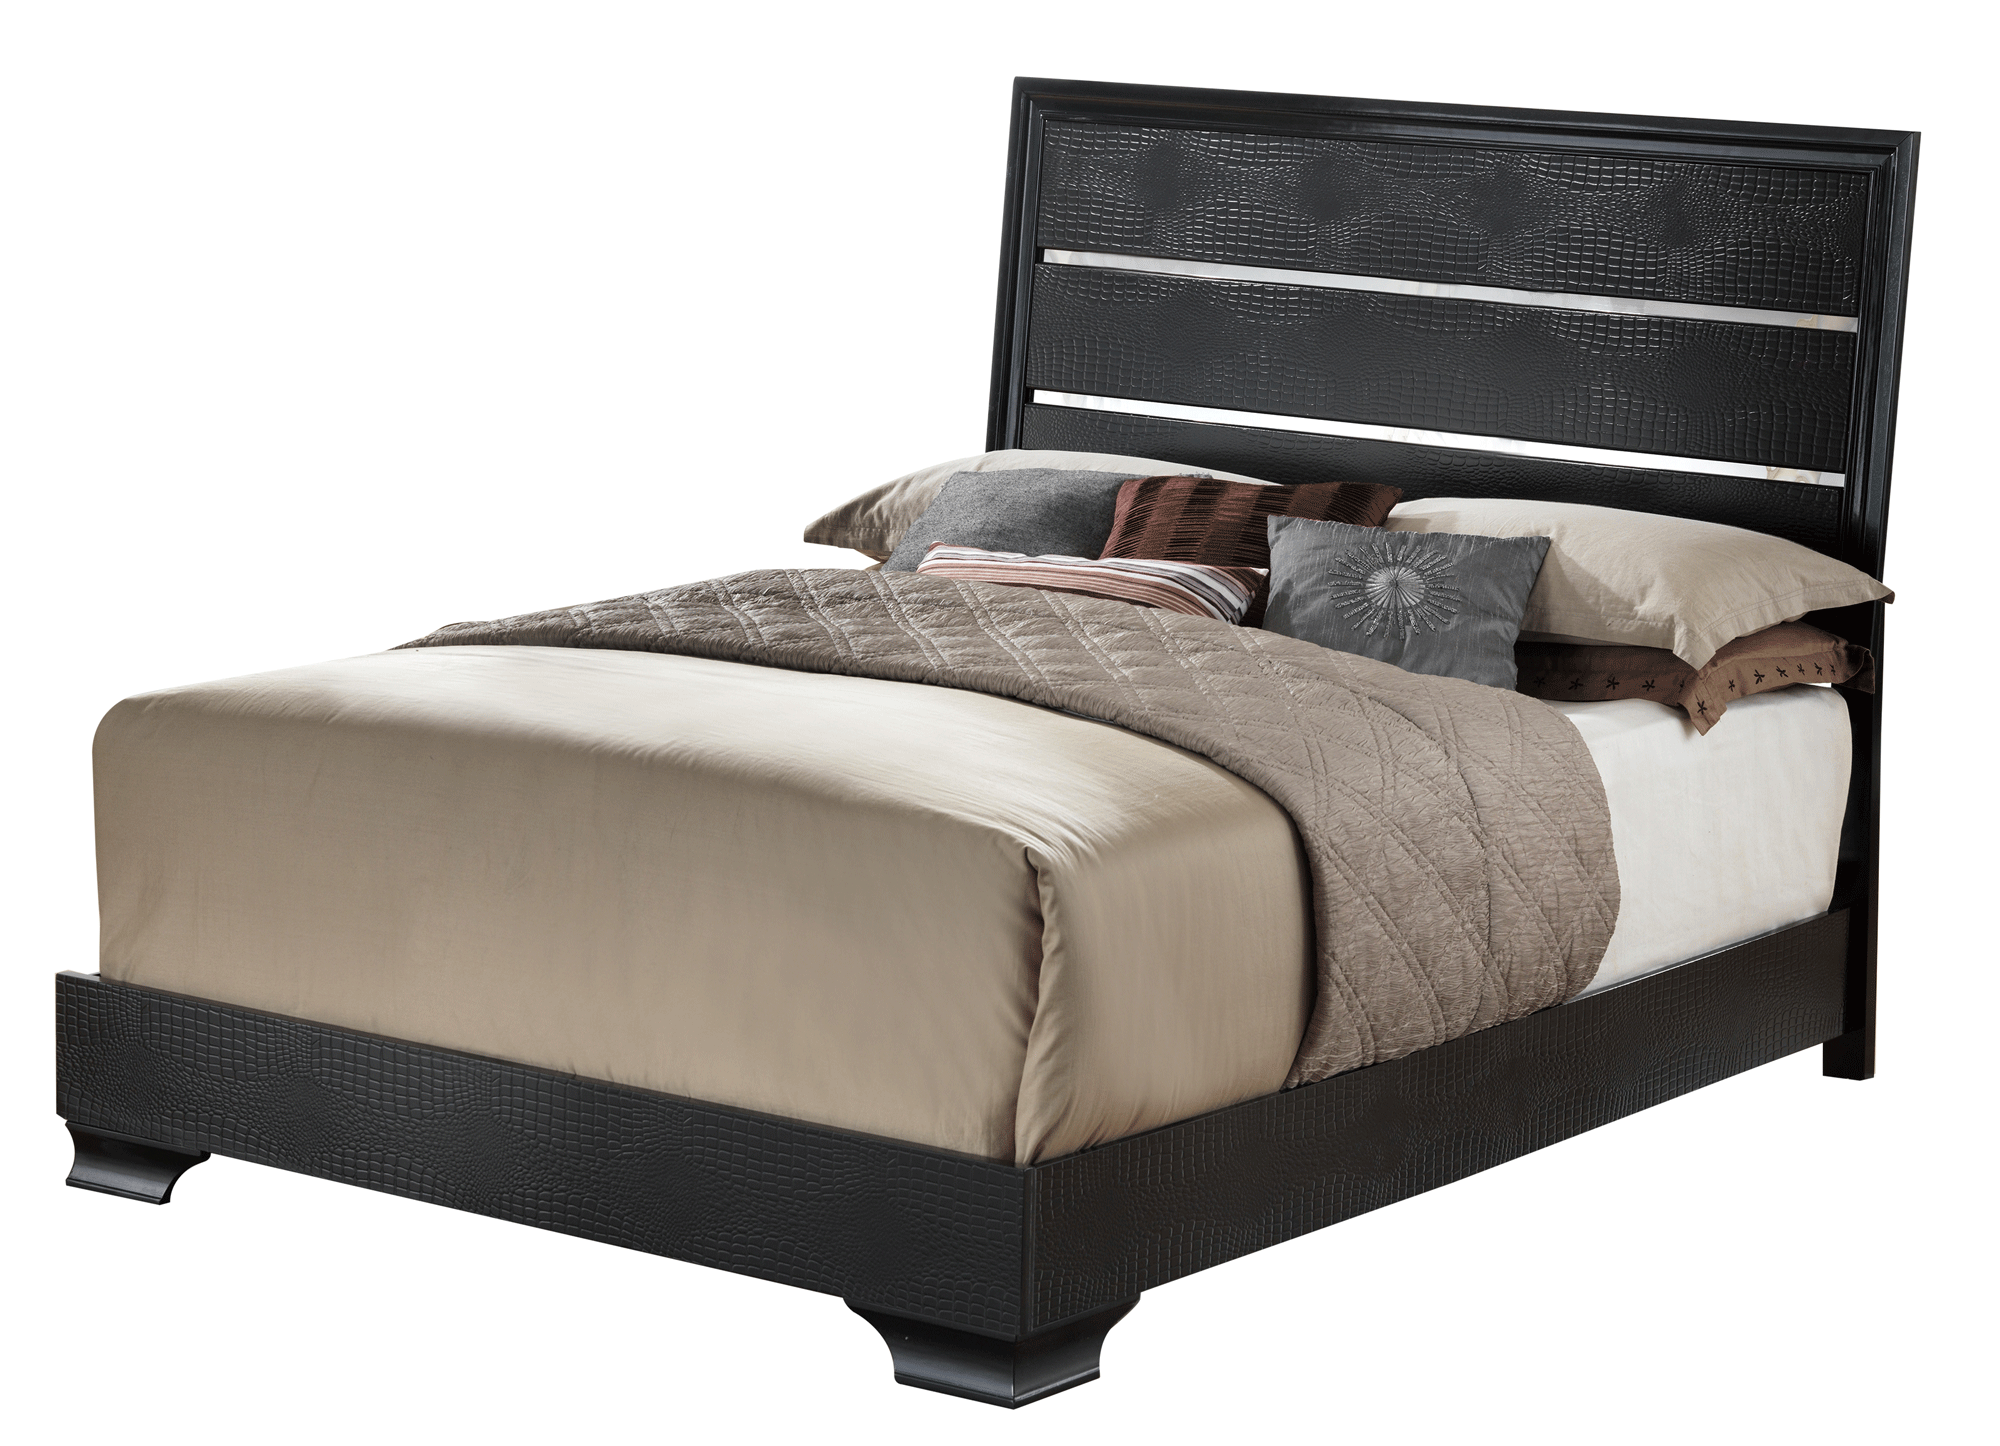 Felix Black Bedroom Set by Global Furniture